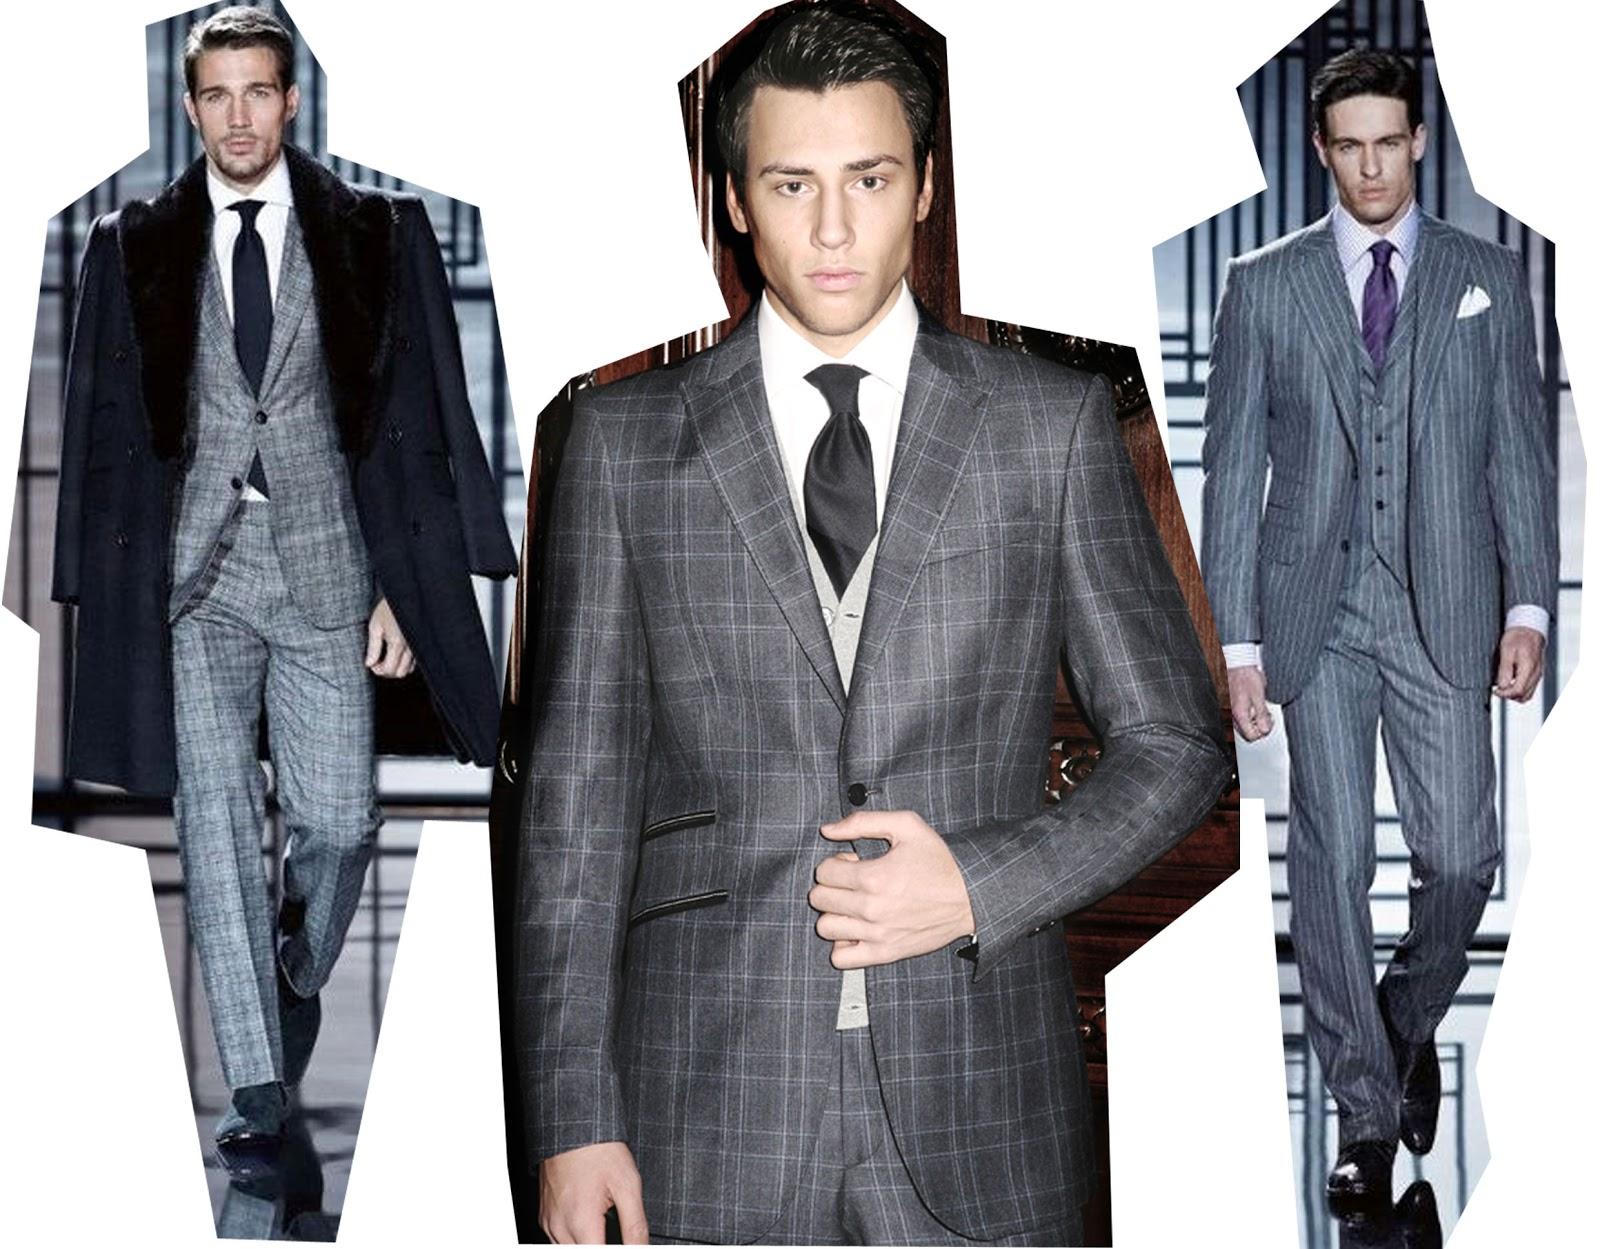 http://4.bp.blogspot.com/-IOaLnrkVZWU/UJlu7Z6mcaI/AAAAAAAAJ9U/Jh5qY1tTDIc/s1600/Menswear.jpg